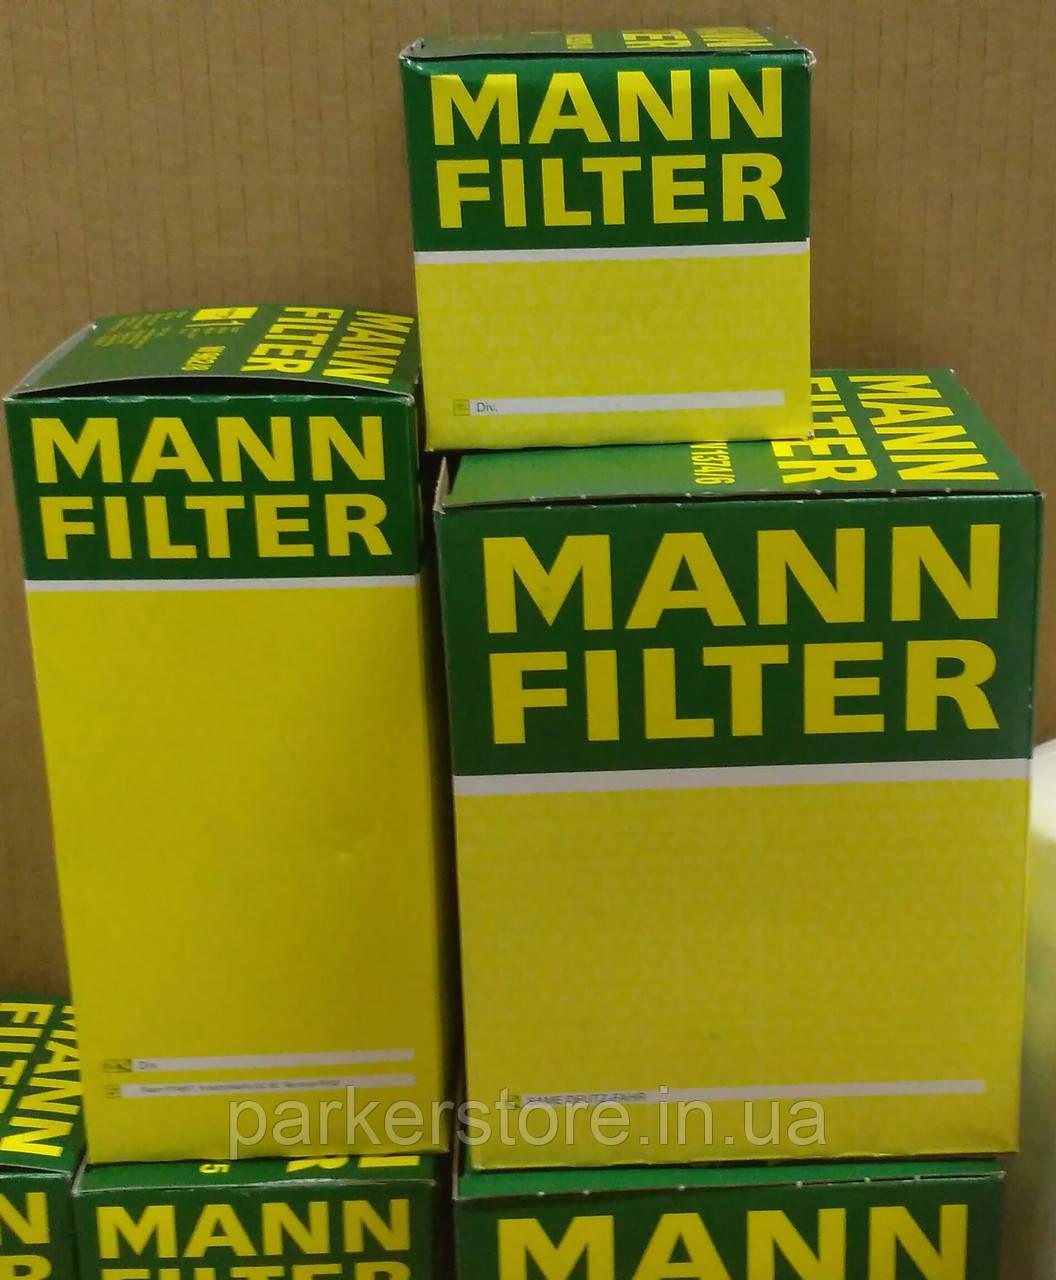 MANN FILTER / Воздушный фильтр / C 34 175/1 / C34175/1